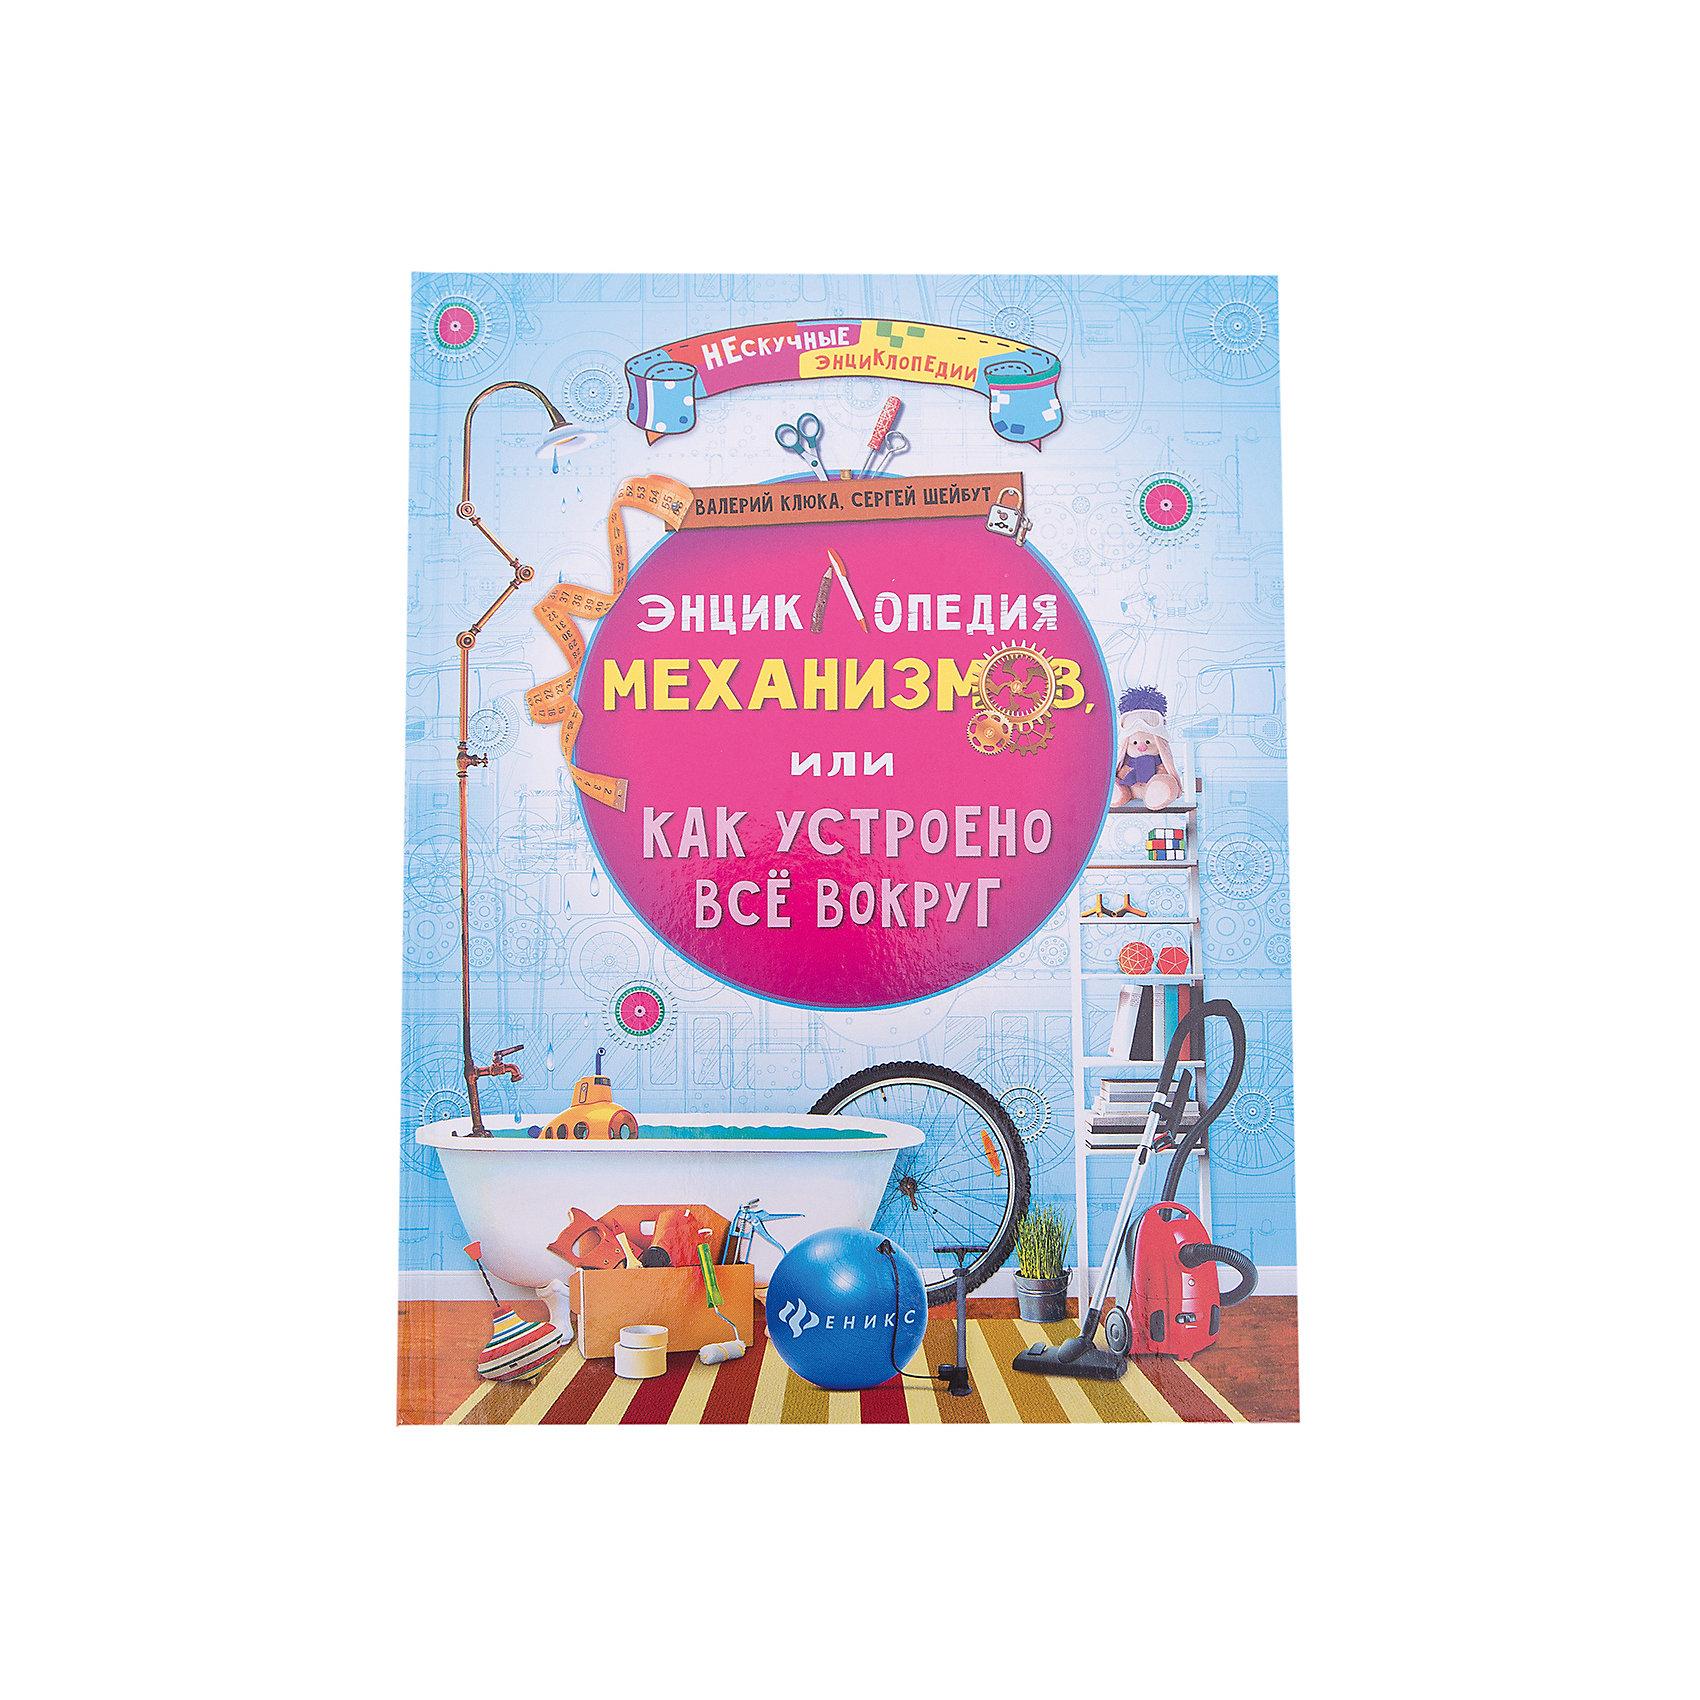 Энциклопедия механизмов, или Как устроено всеЭнциклопедии<br>Энциклопедия механизмов, или Как устроено все – эта красочная книга познакомит ребенка с различными устройствами и механизмами.<br>Дети задают множество вопросов об окружающем мире, да ещё и такие, на которые не каждый родитель сможет найти ответ. Почемучек часто интересуют разные механизмы. Как работает застёжка-молния? Что внутри замка и почему только один ключ может его открыть? Почему вода течёт из крана? Как устроен ручной тормоз моего велосипеда? Ответы на эти и другие вопросы можно будет найти в этой энциклопедии.<br><br>Дополнительная информация:<br><br>- Содержание: Введение; Всегда под рукой Шариковая ручка, Ножницы и канцелярский нож, Карандаш и точилка, Скрепка и степлер, Застёжка, Батарейка, Лампа, Интересные факты; В папином шкафу Винты и отвёртки, Рулетка, Плоскогубцы и пассатижи, Ножовка, Насос, Домкрат, Дрель и сверло, Интересные факты; В ванной и на кухне Водопроводный кран и смеситель, Фен, Холодильник и кондиционер, Термос, Кухонная плита, Стиральная машина, Микроволновка, Интересные факты; Для игры и отдыха Волчок и юла, Велосипед, Качели, Лук и стрелы, Перископ, Игрушечный автомобиль, Кубик Рубика, Интересные факты; На страже безопасности и здоровья Дверной замок, Окно и стеклопакет, Пылесос, Пожарная сигнализация, Термометр, Ремень и подушка безопасности, Предохранитель и сетевой фильтр, Интересные факты<br>- Авторы: Клюка Валерий, Шейбут Сергей<br>- Редактор: Чумакова Светлана<br>- Издательство: Феникс-Премьер, 2016 г.<br>- Серия: Нескучные энциклопедии<br>- Тип обложки: 7Бц - твердая, целлофанированная (или лакированная)<br>- Иллюстрации: цветные<br>- Количество страниц: 82 (офсет)<br>- Размер: 266x205x10 мм.<br>- Вес: 424 гр.<br><br>Книгу «Энциклопедия механизмов, или Как устроено все» можно купить в нашем интернет-магазине.<br><br>Ширина мм: 205<br>Глубина мм: 11<br>Высота мм: 266<br>Вес г: 426<br>Возраст от месяцев: 36<br>Возраст до месяцев: 108<br>Пол: Унисекс<br>Возраст: Детск